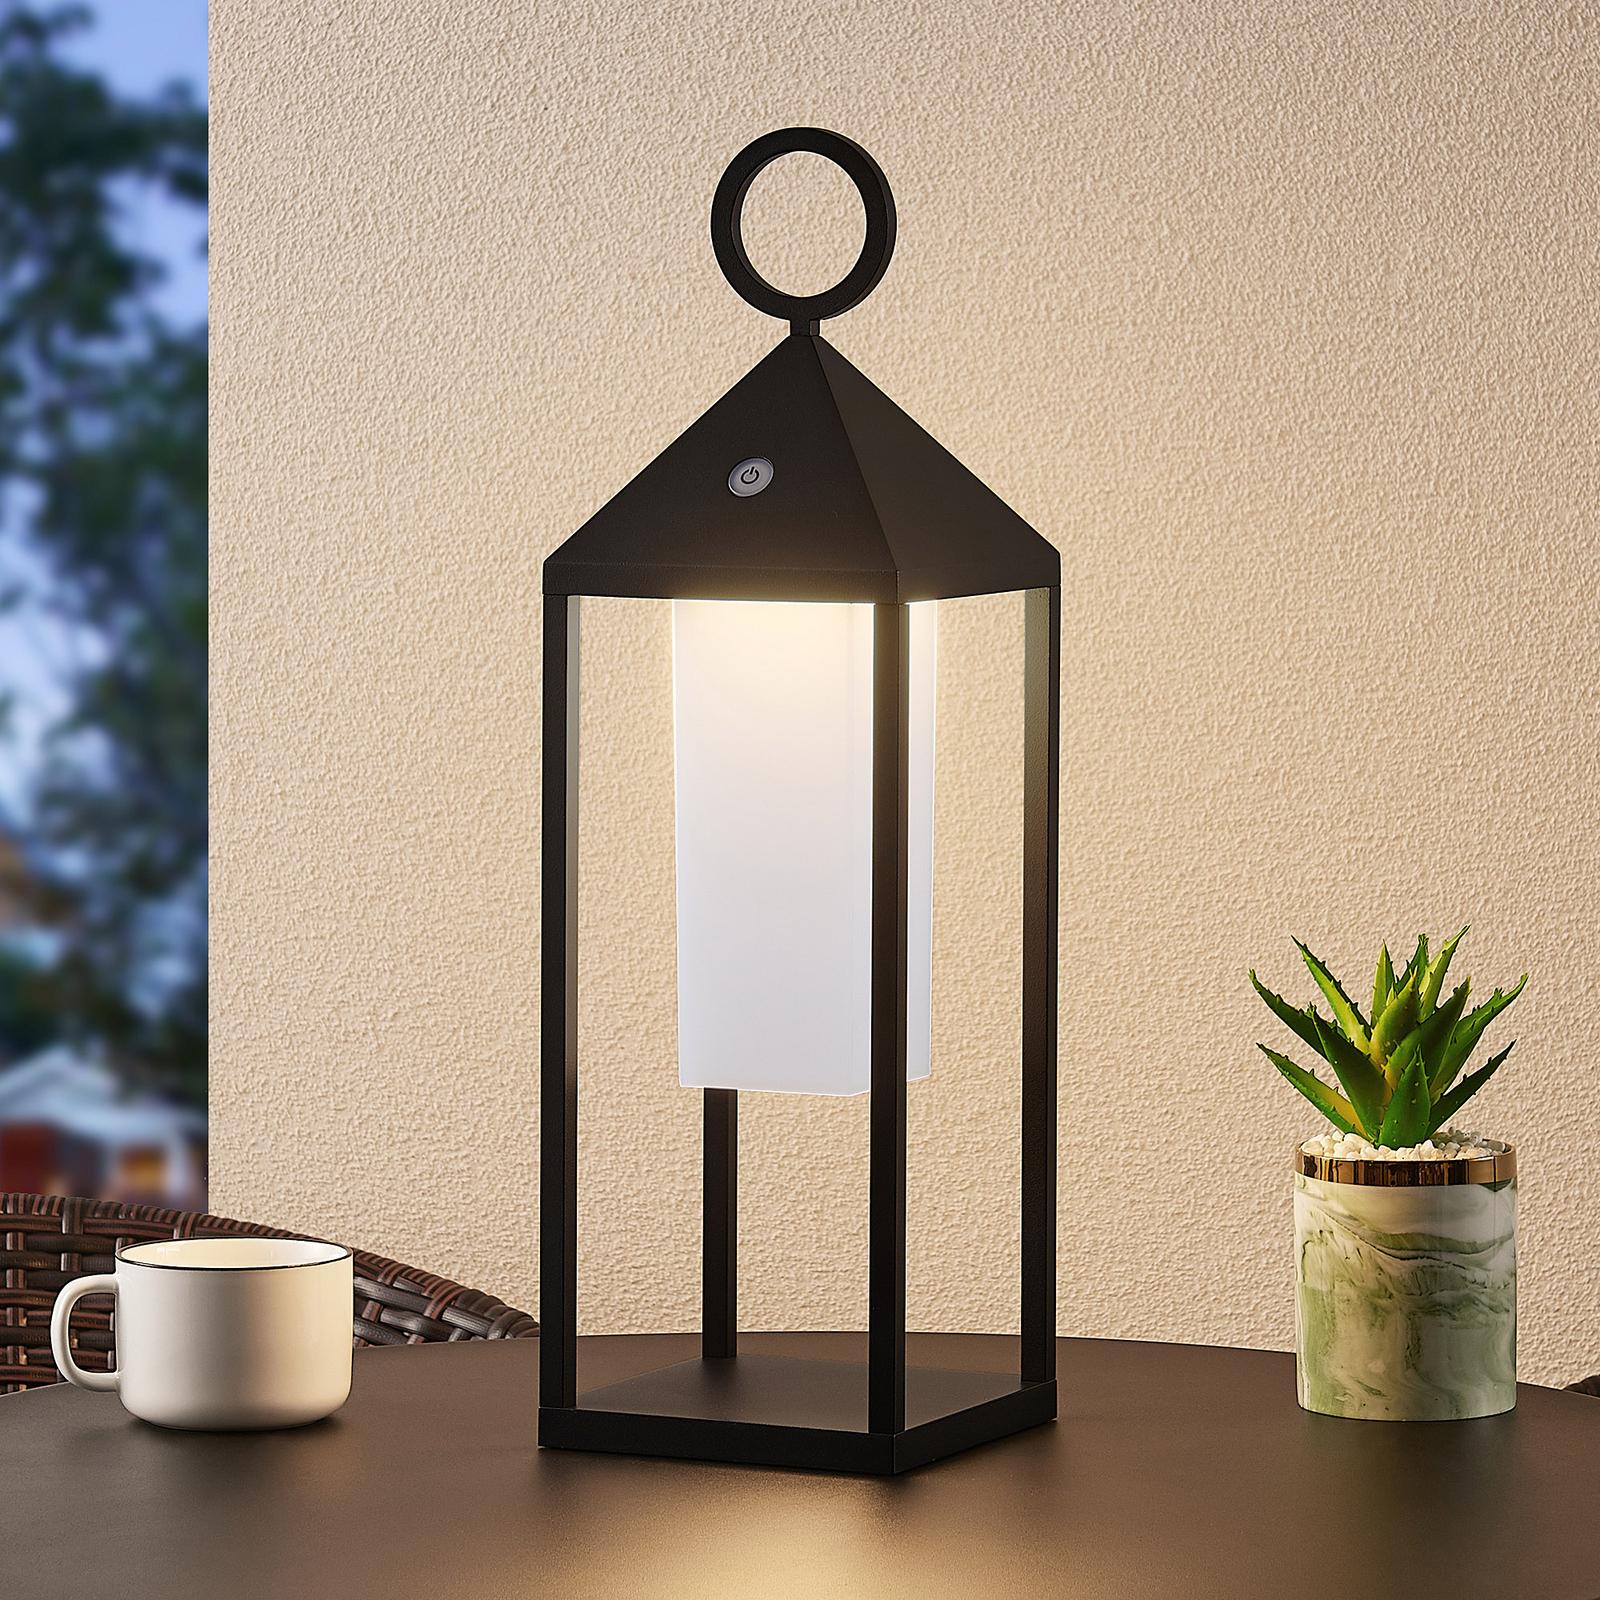 Lucande Miluma LED-Außenlaterne, 54 cm, schwarz